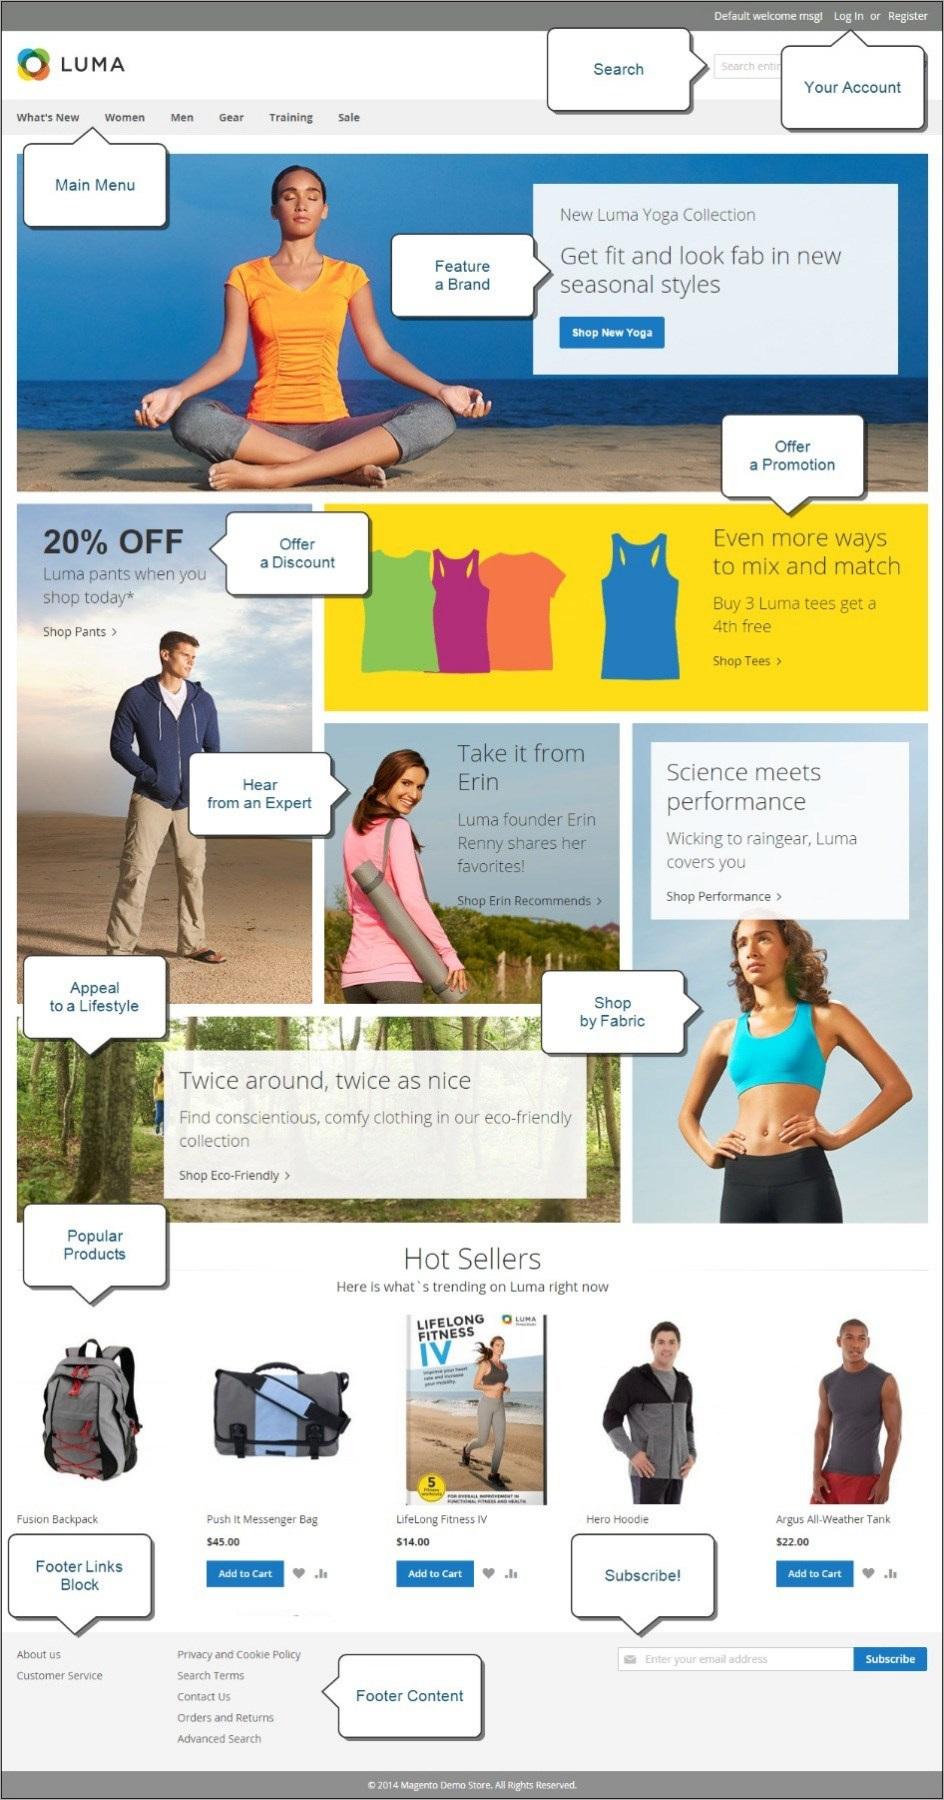 الصفحة الرئيسية (Home Page) فى متجر ماجنتو 2